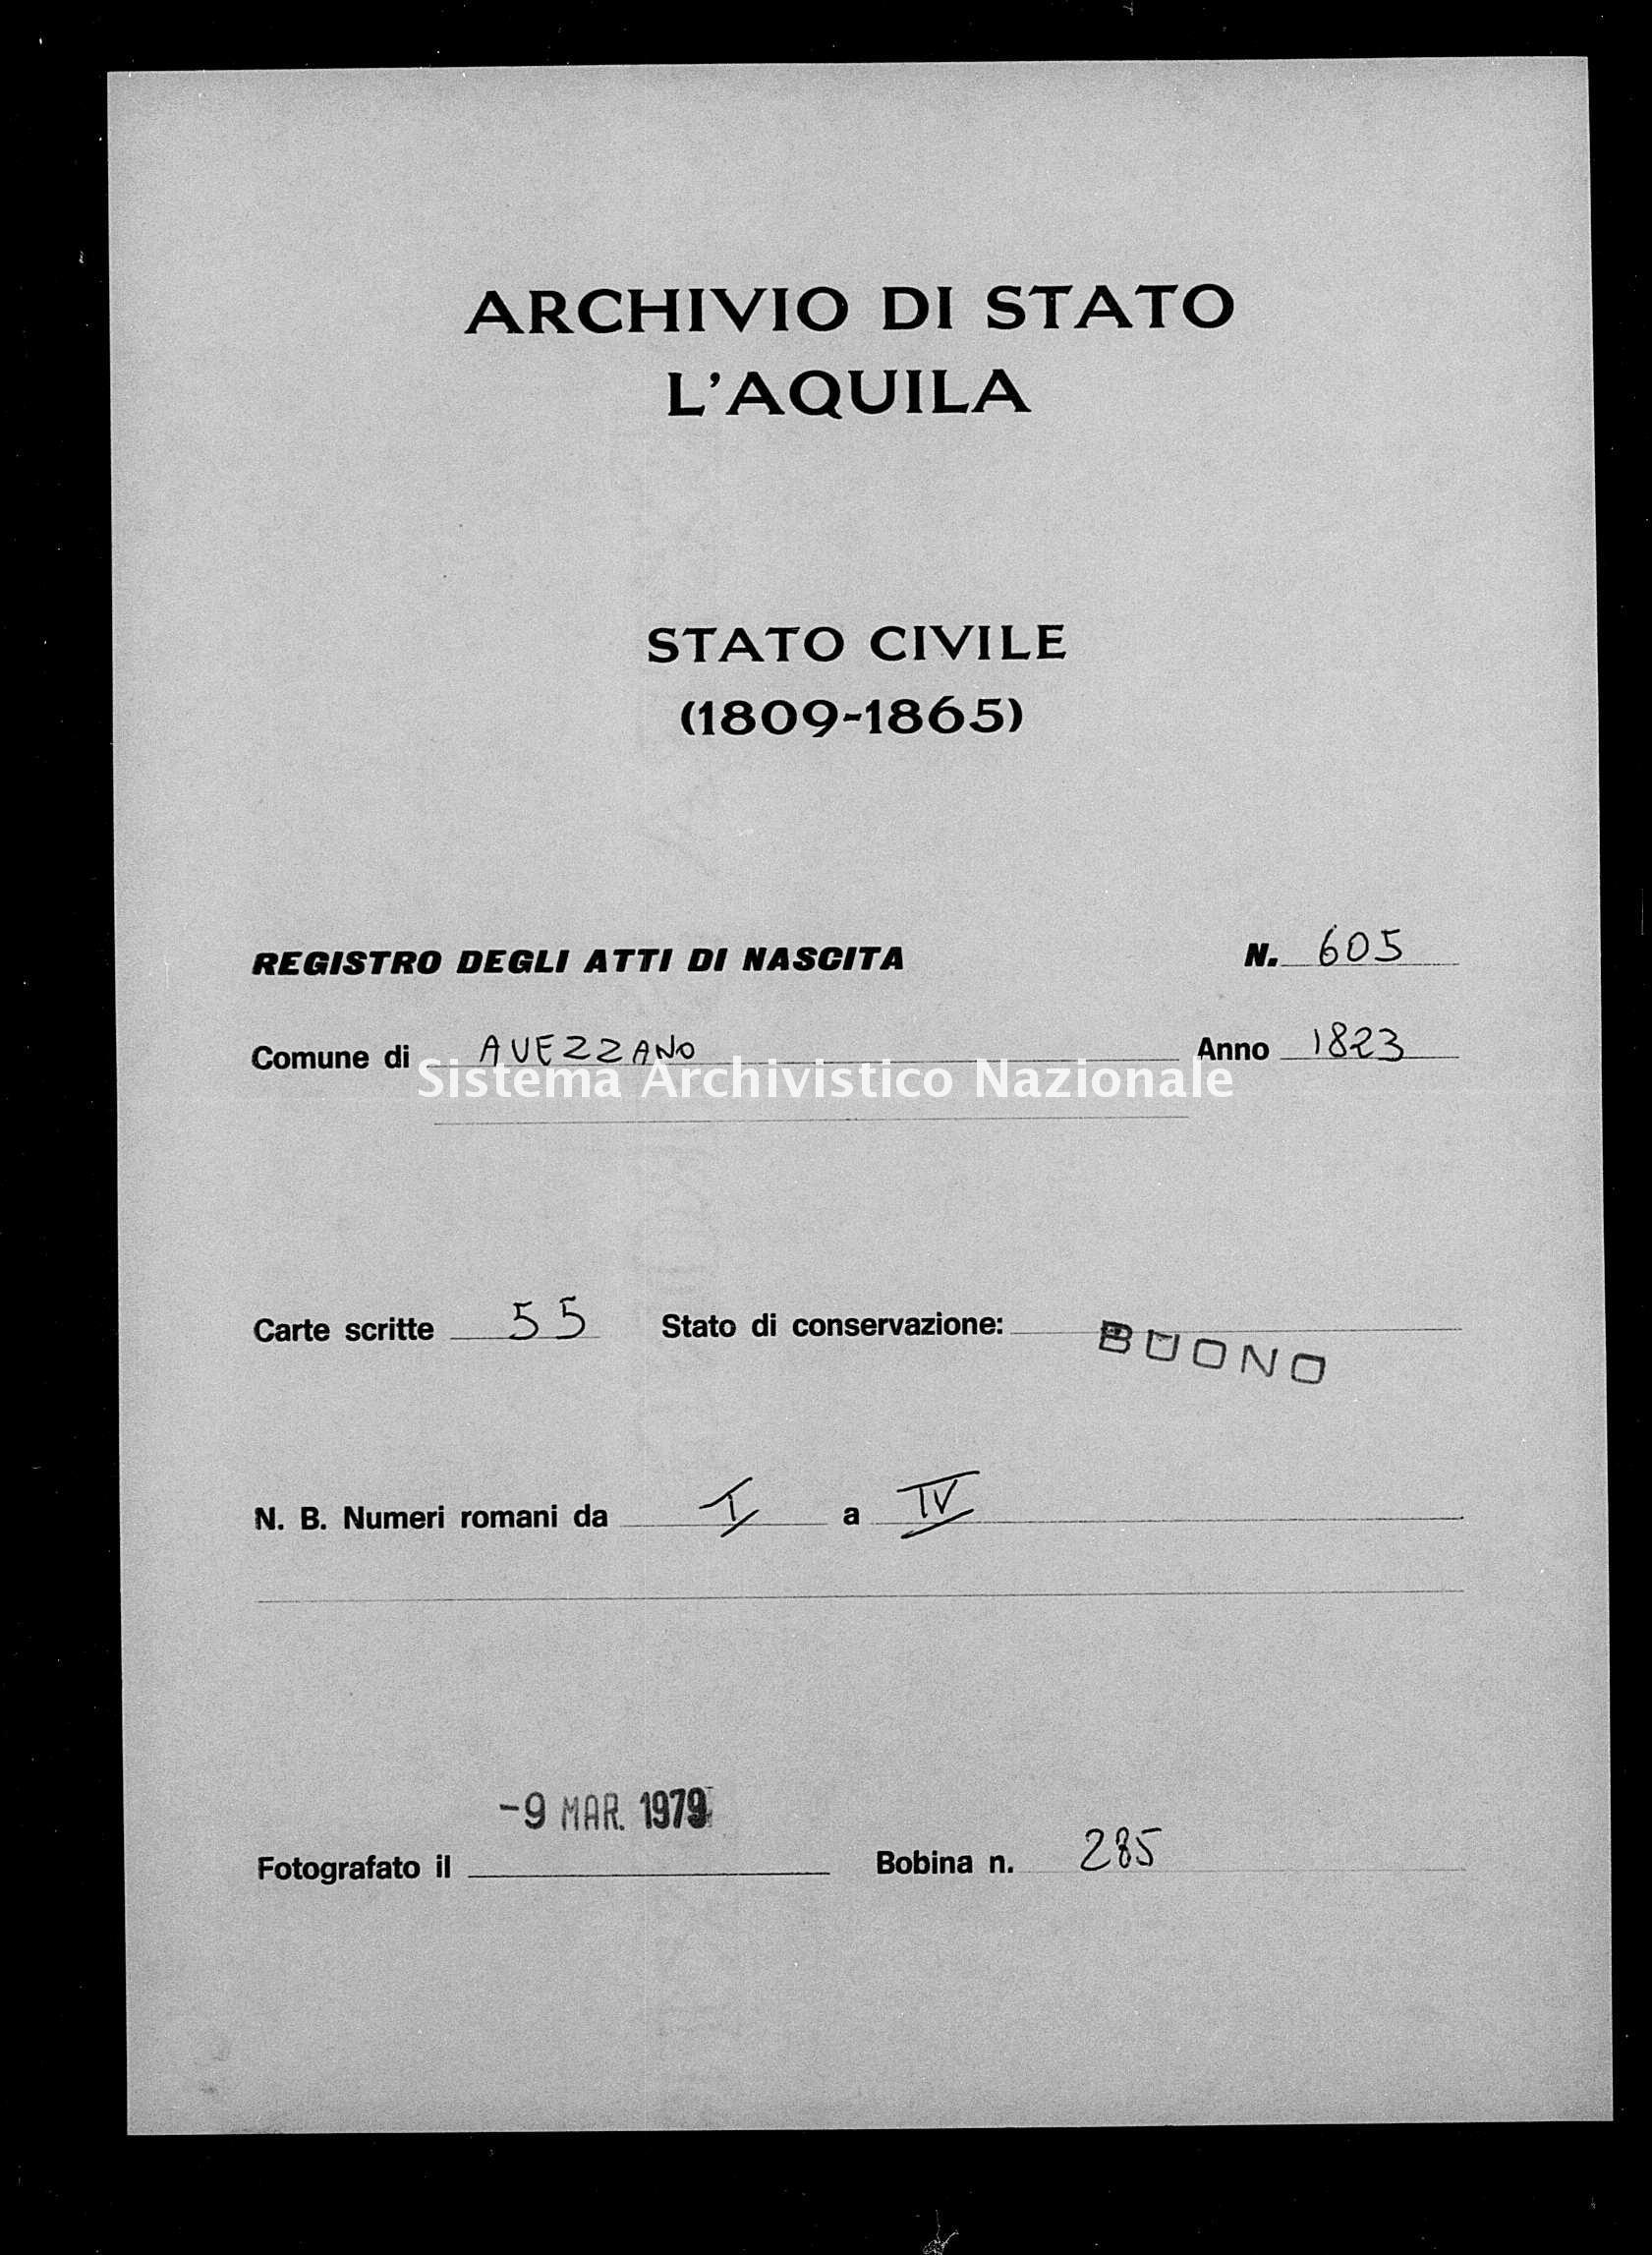 Archivio di stato di L'aquila - Stato civile della restaurazione - Avezzano - Nati - 1823 - 605 -